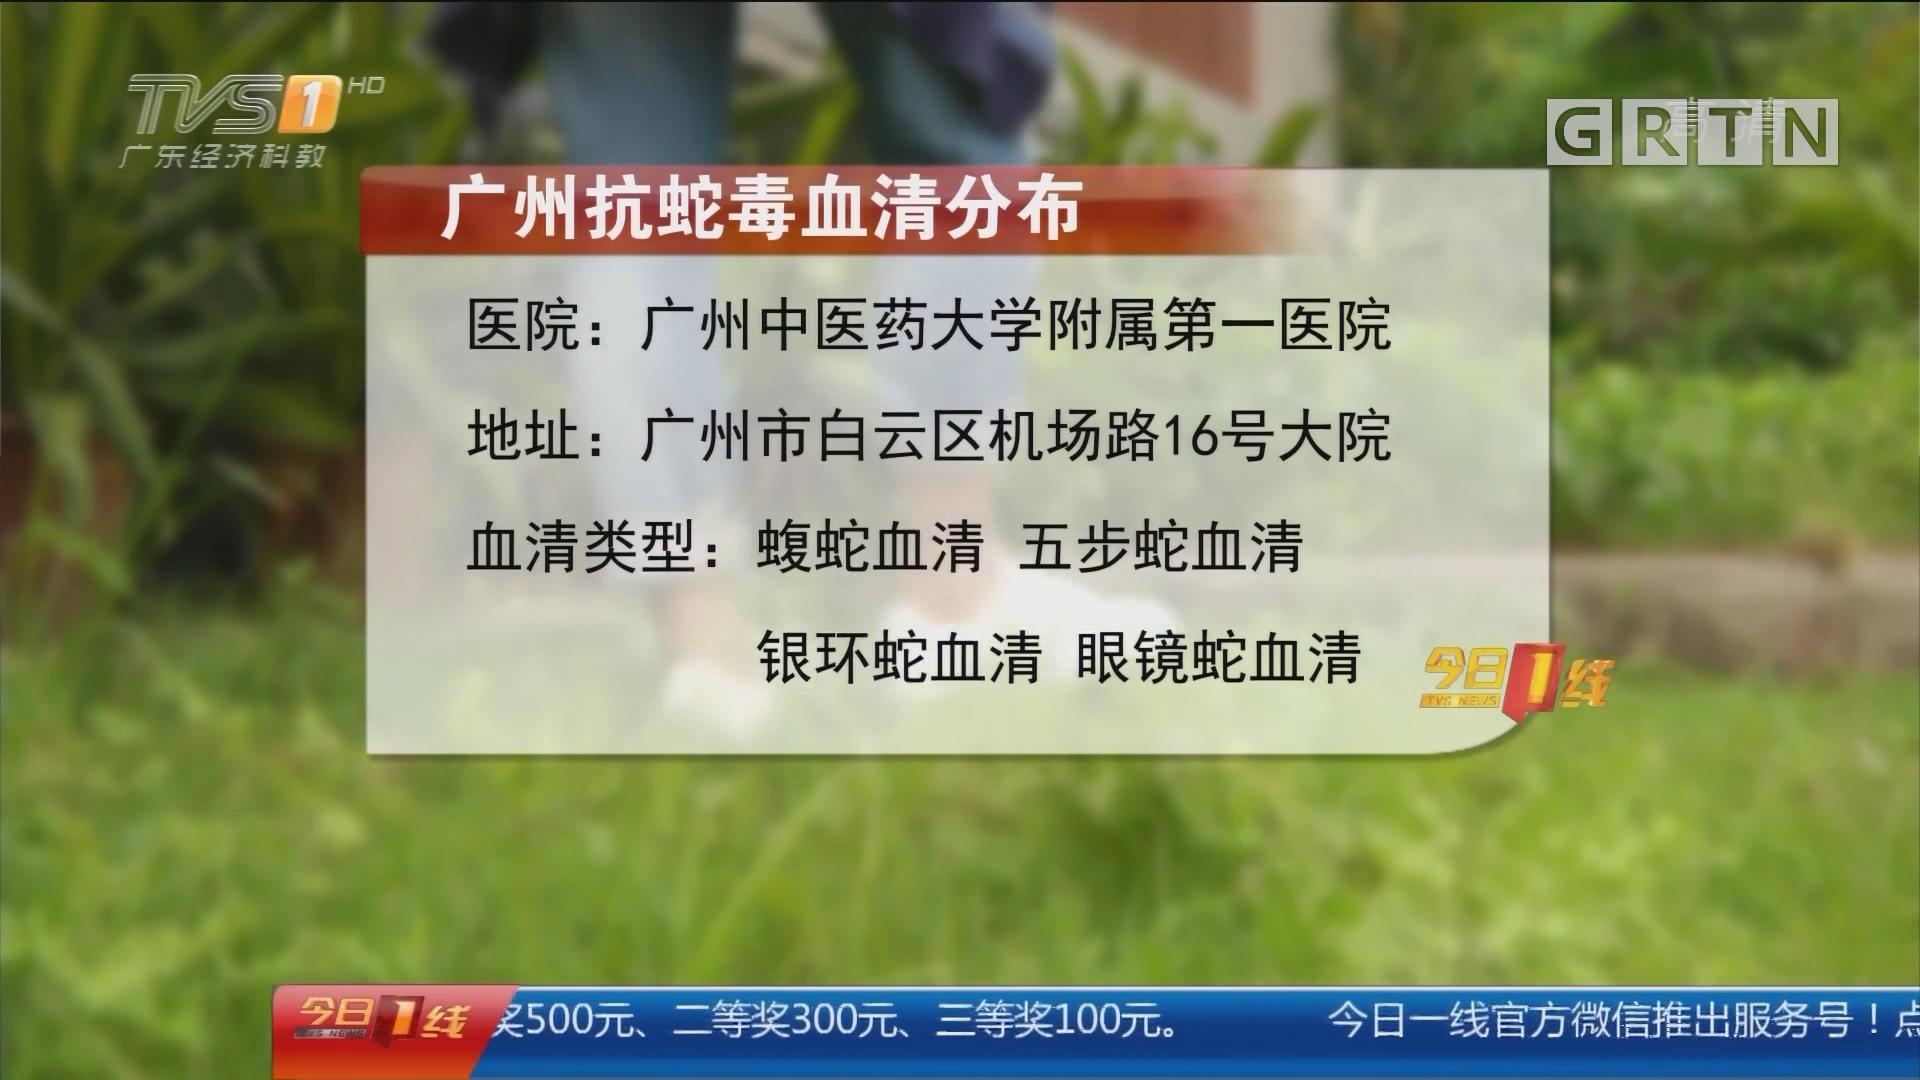 夏季防蛇咬伤:广州 险!六旬阿婆地里拔菜被毒蛇咬伤